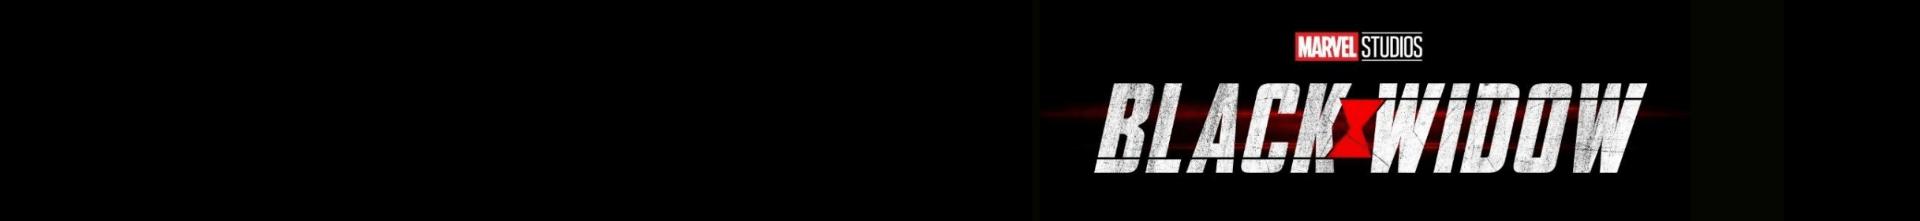 Black Widow Herobox